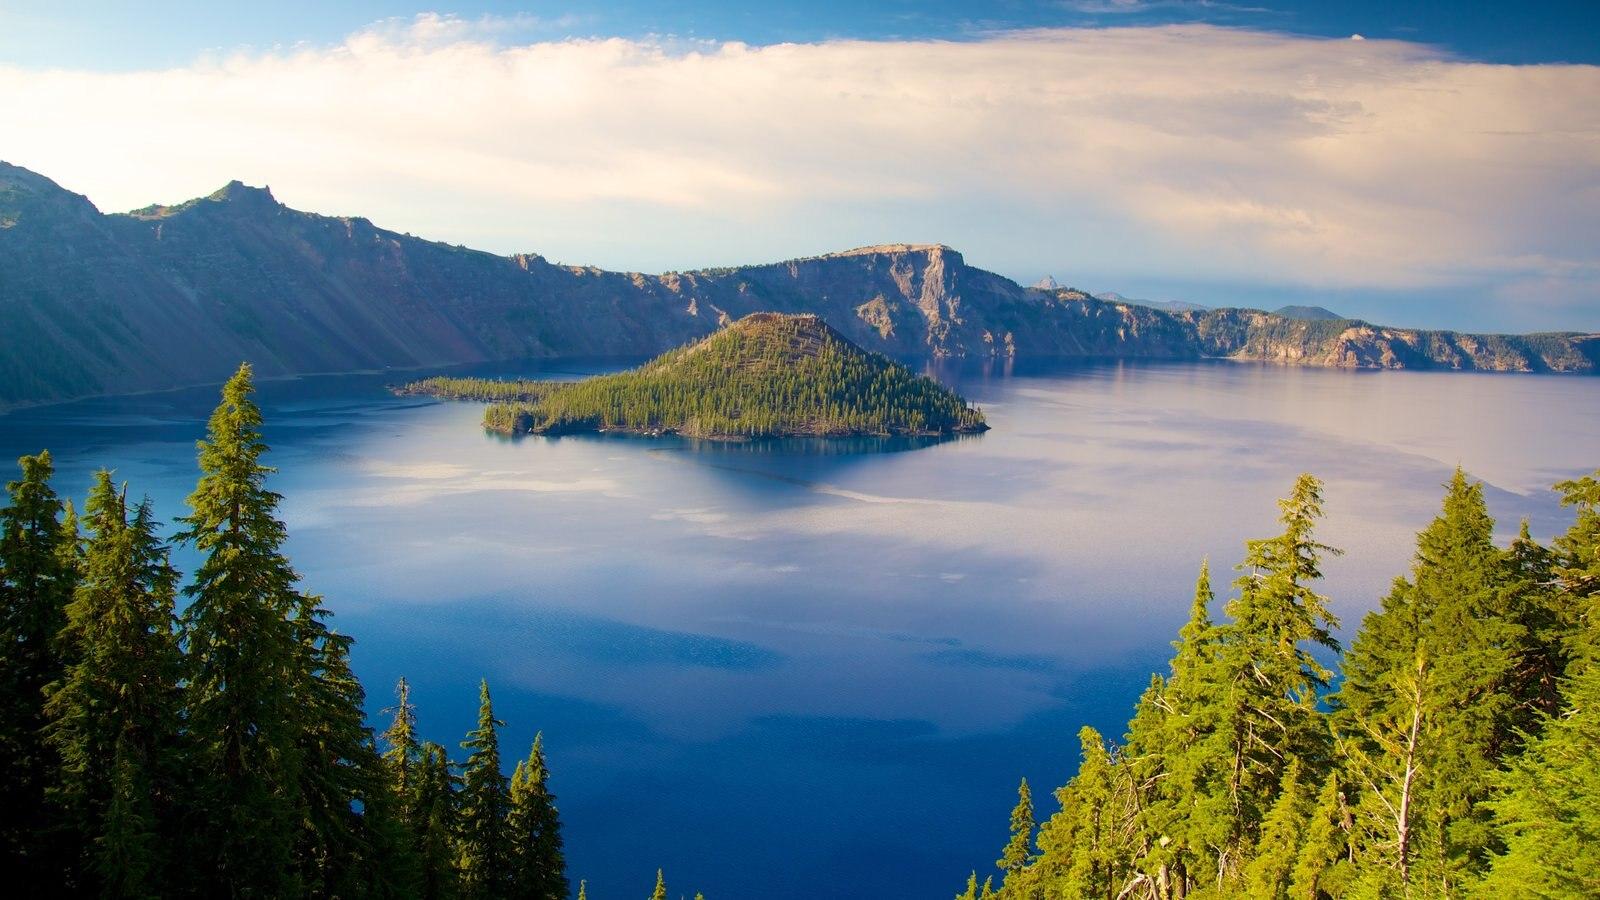 Parque Nacional Lago del Cráter mostrando imágenes de una isla, montañas y un lago o abrevadero